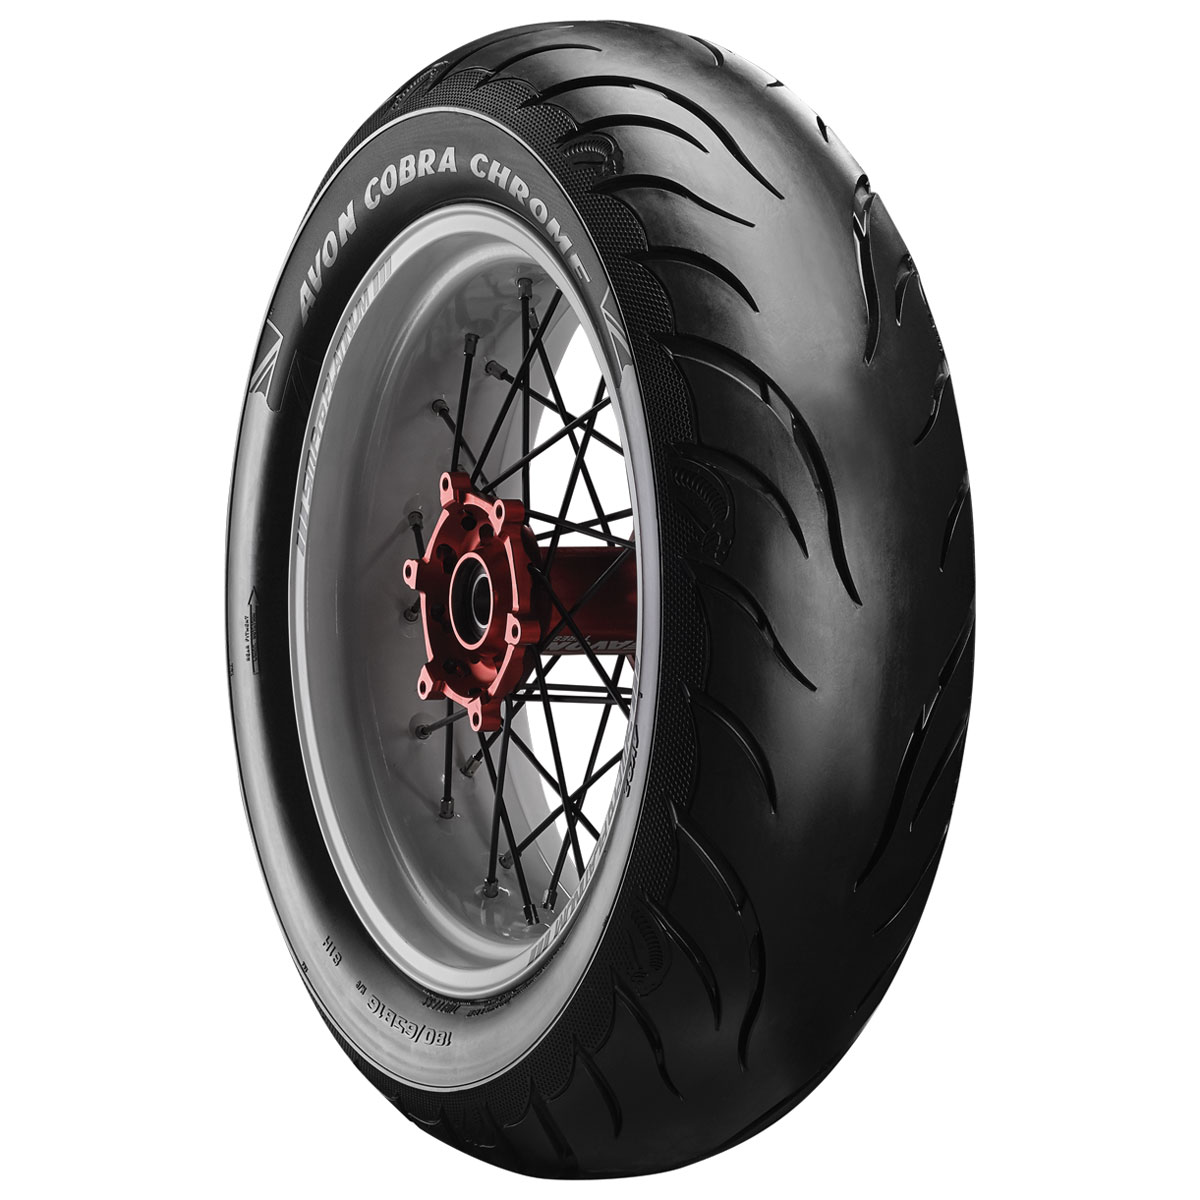 Avon AV92 Cobra Chrome 330/30R17 Rear Tire